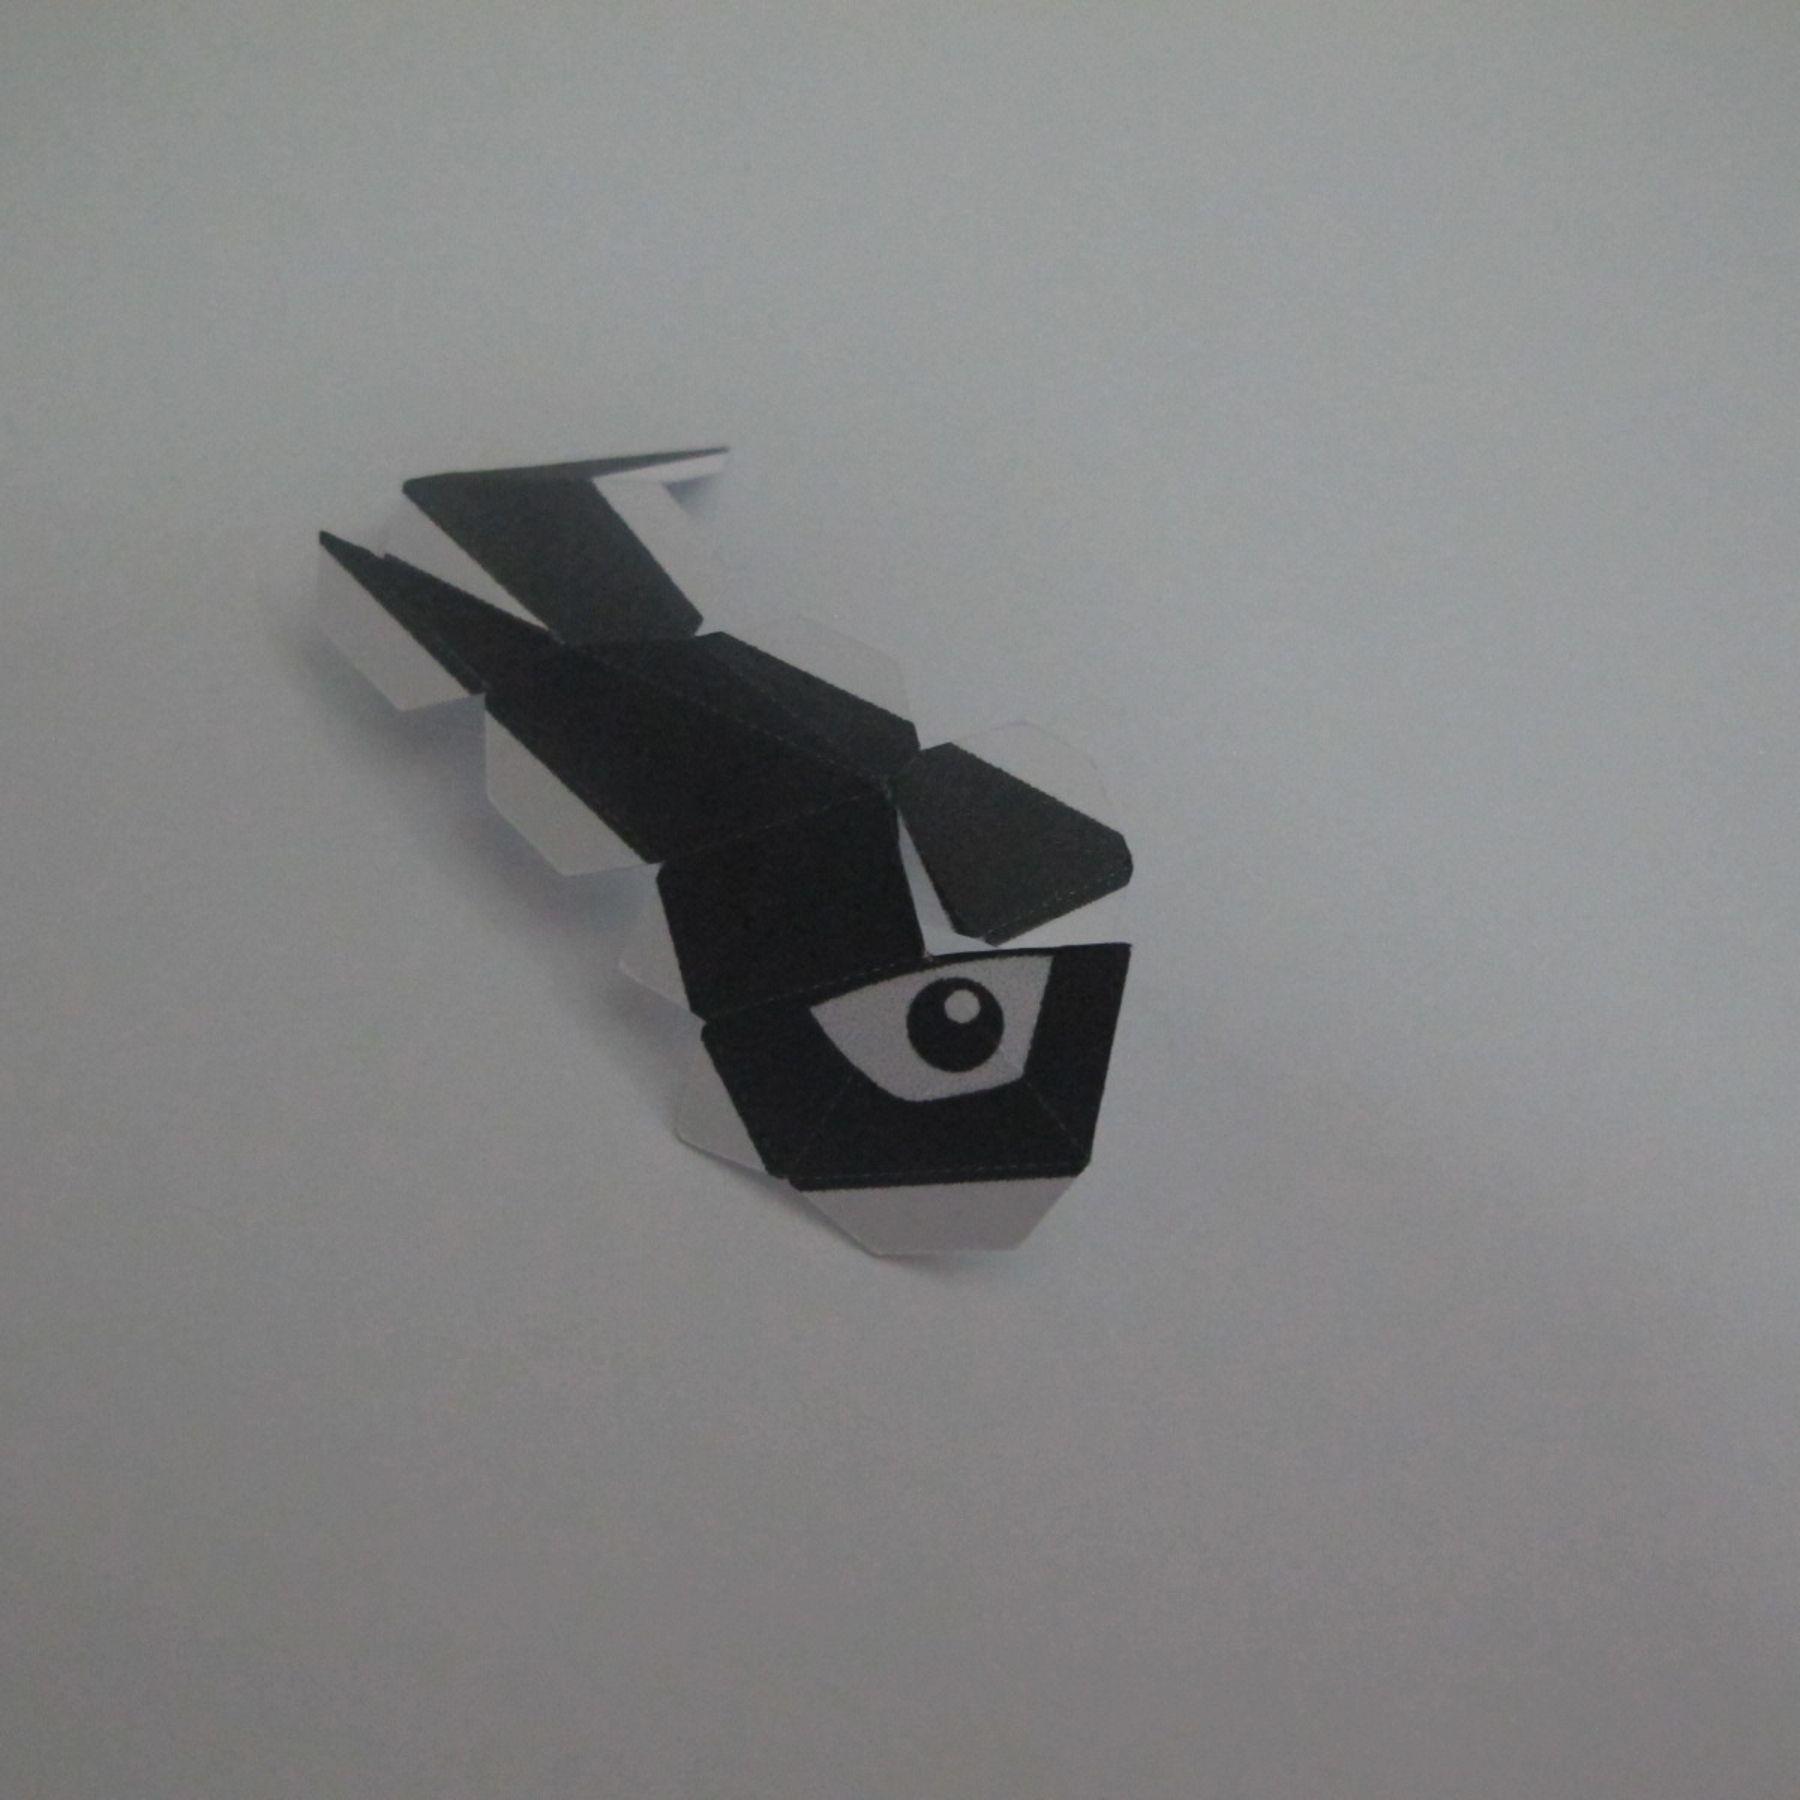 วิธีทำของเล่นโมเดลกระดาษ วูฟเวอรีน (Chibi Wolverine Papercraft Model) 001